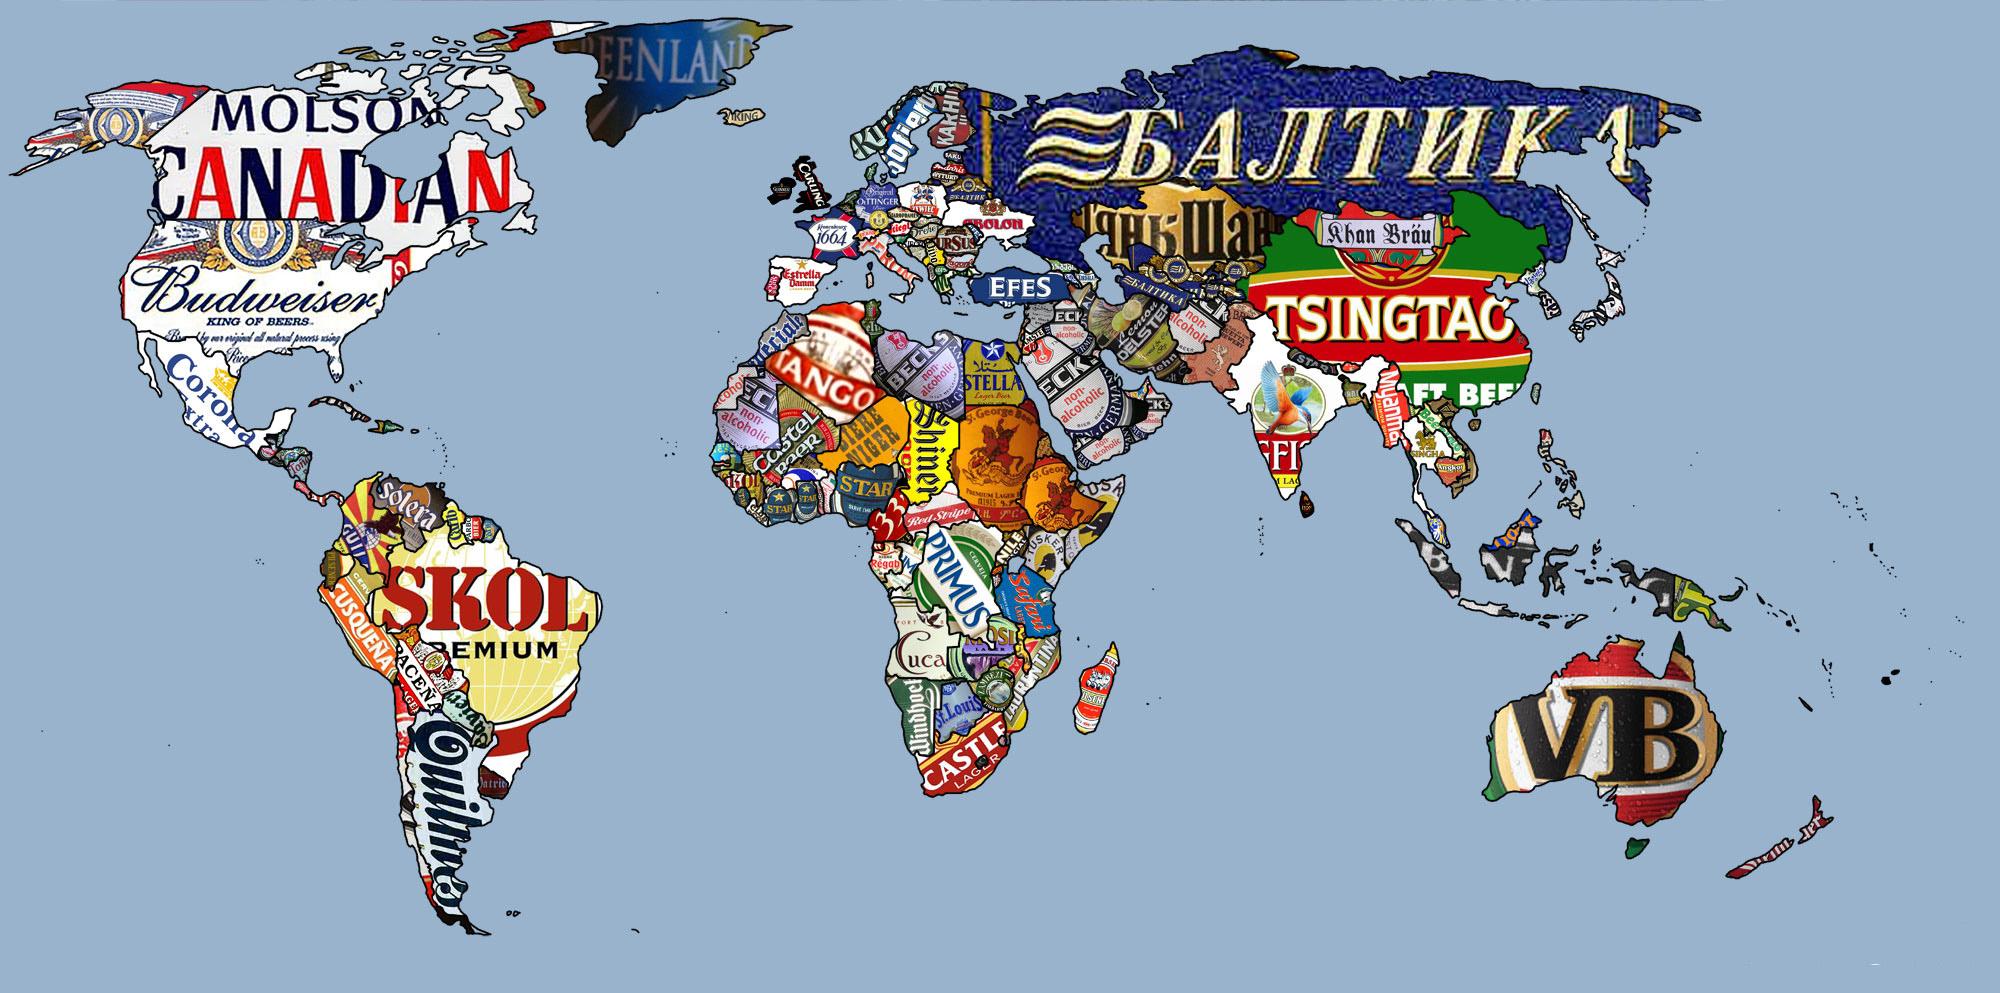 Cervezas del mundo, las más importadas, vendidas y consumidas en ...